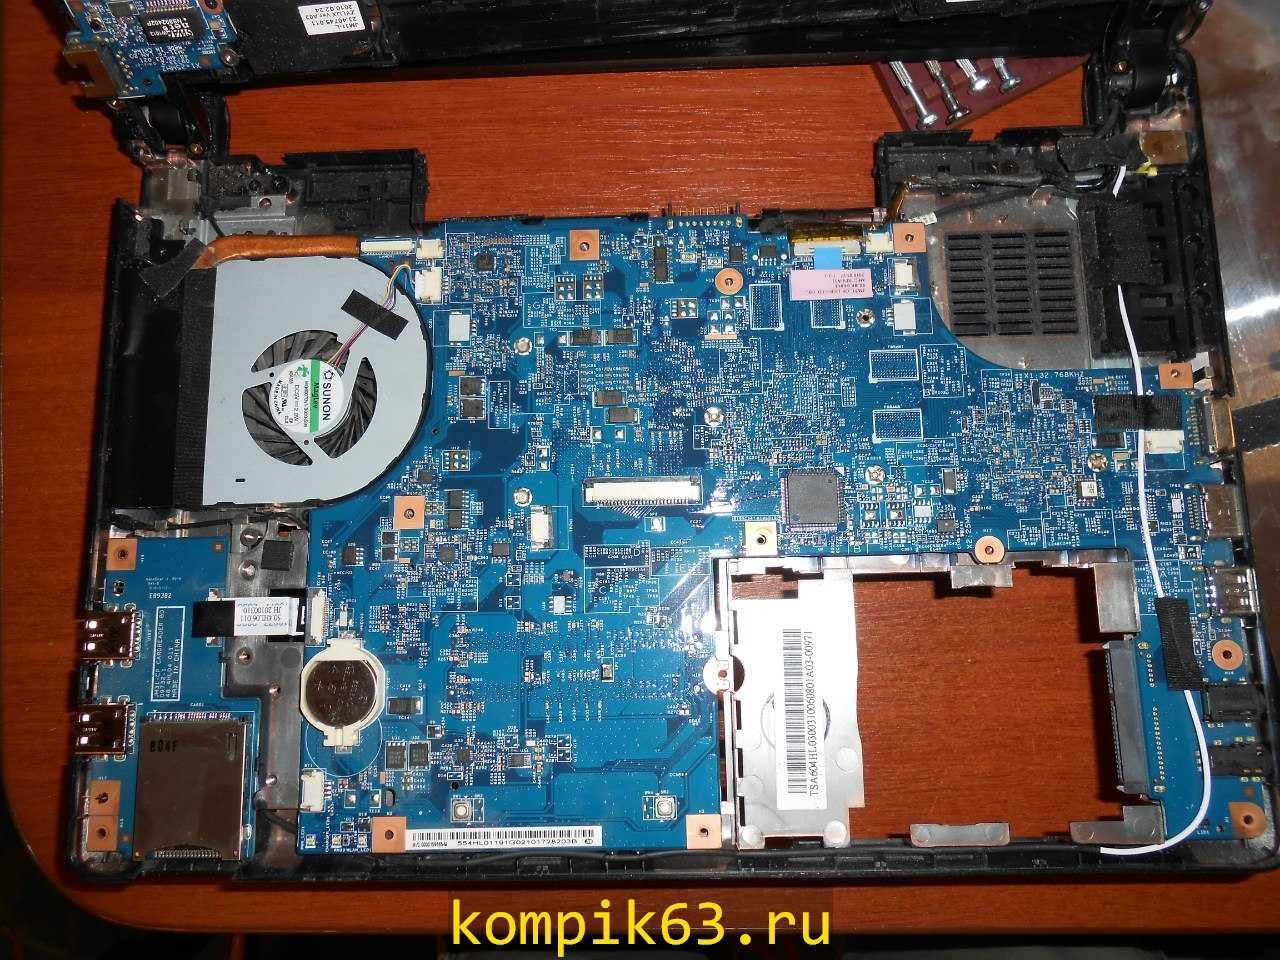 kompik63.ru-052